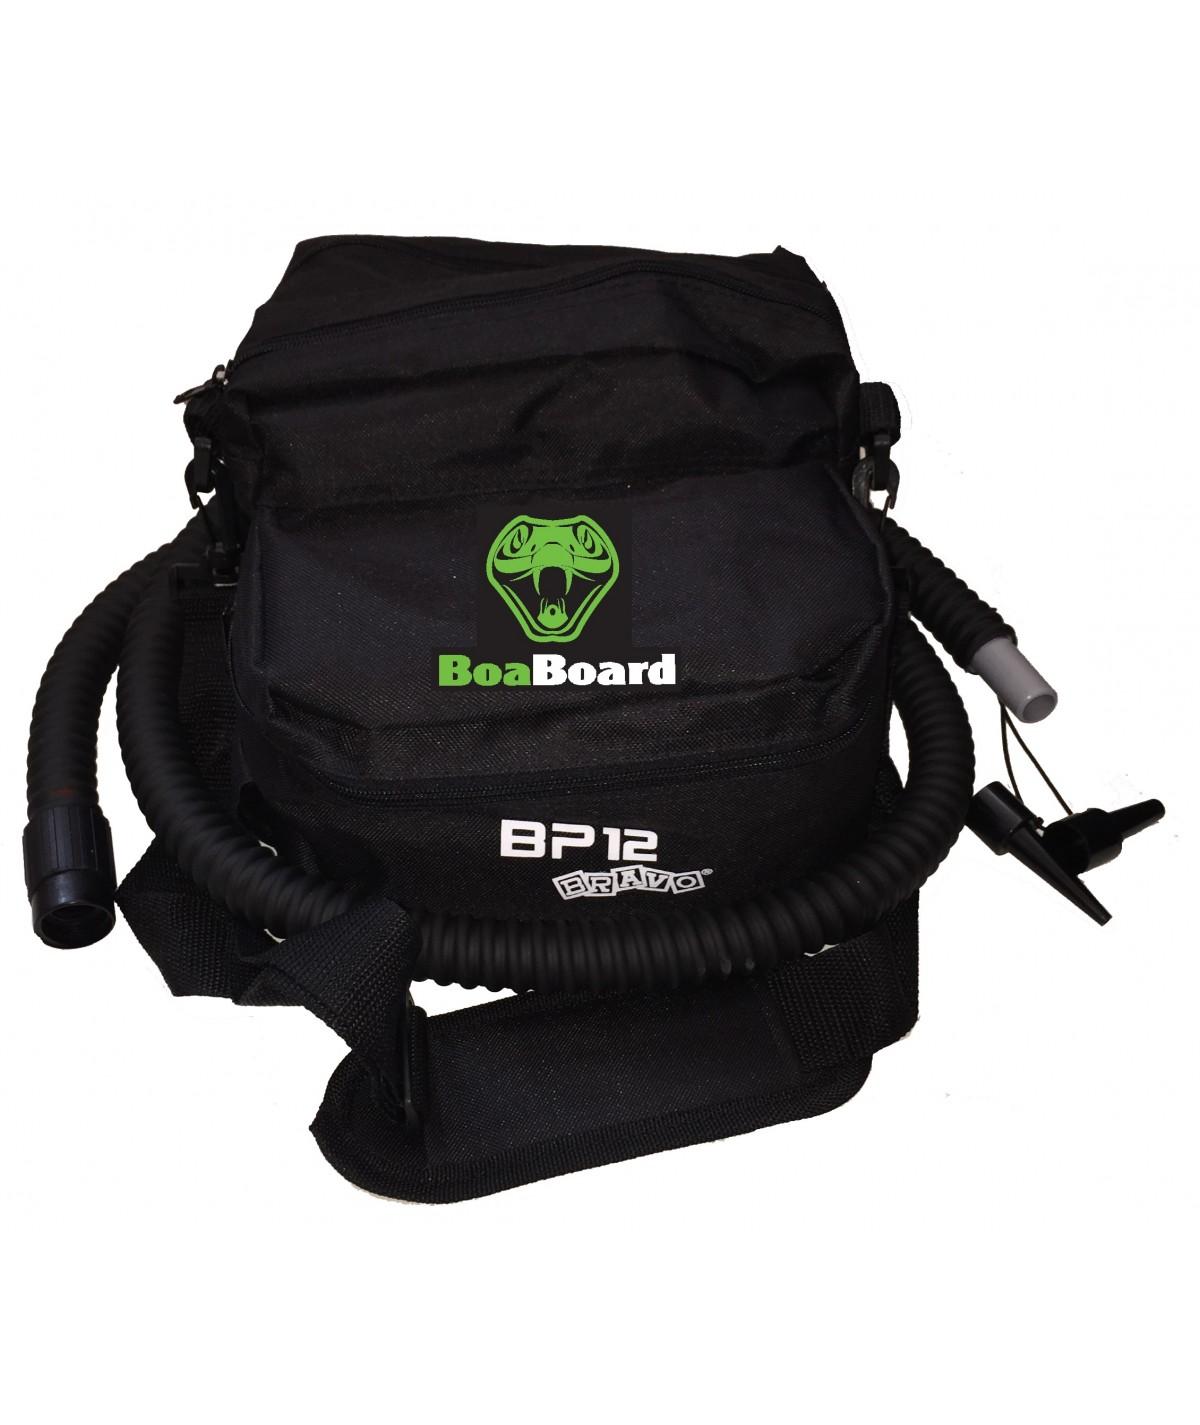 BoaBoard - Bravo BP 12